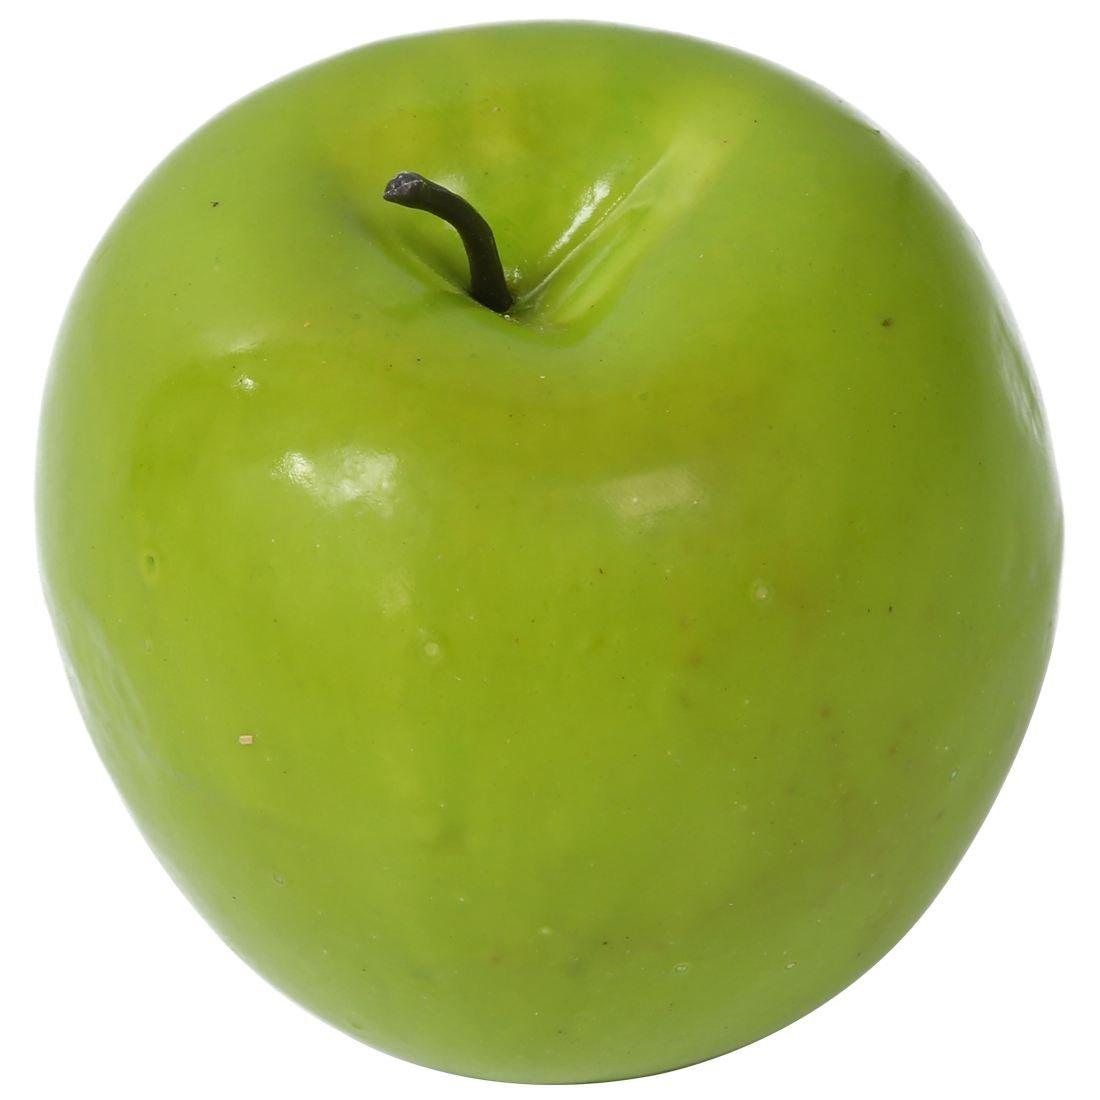 TOOGOO(R) 12 pezzi di grandi dimensioni verde artificiale Frutta mela di plastica del partito della casa Decor decorativi